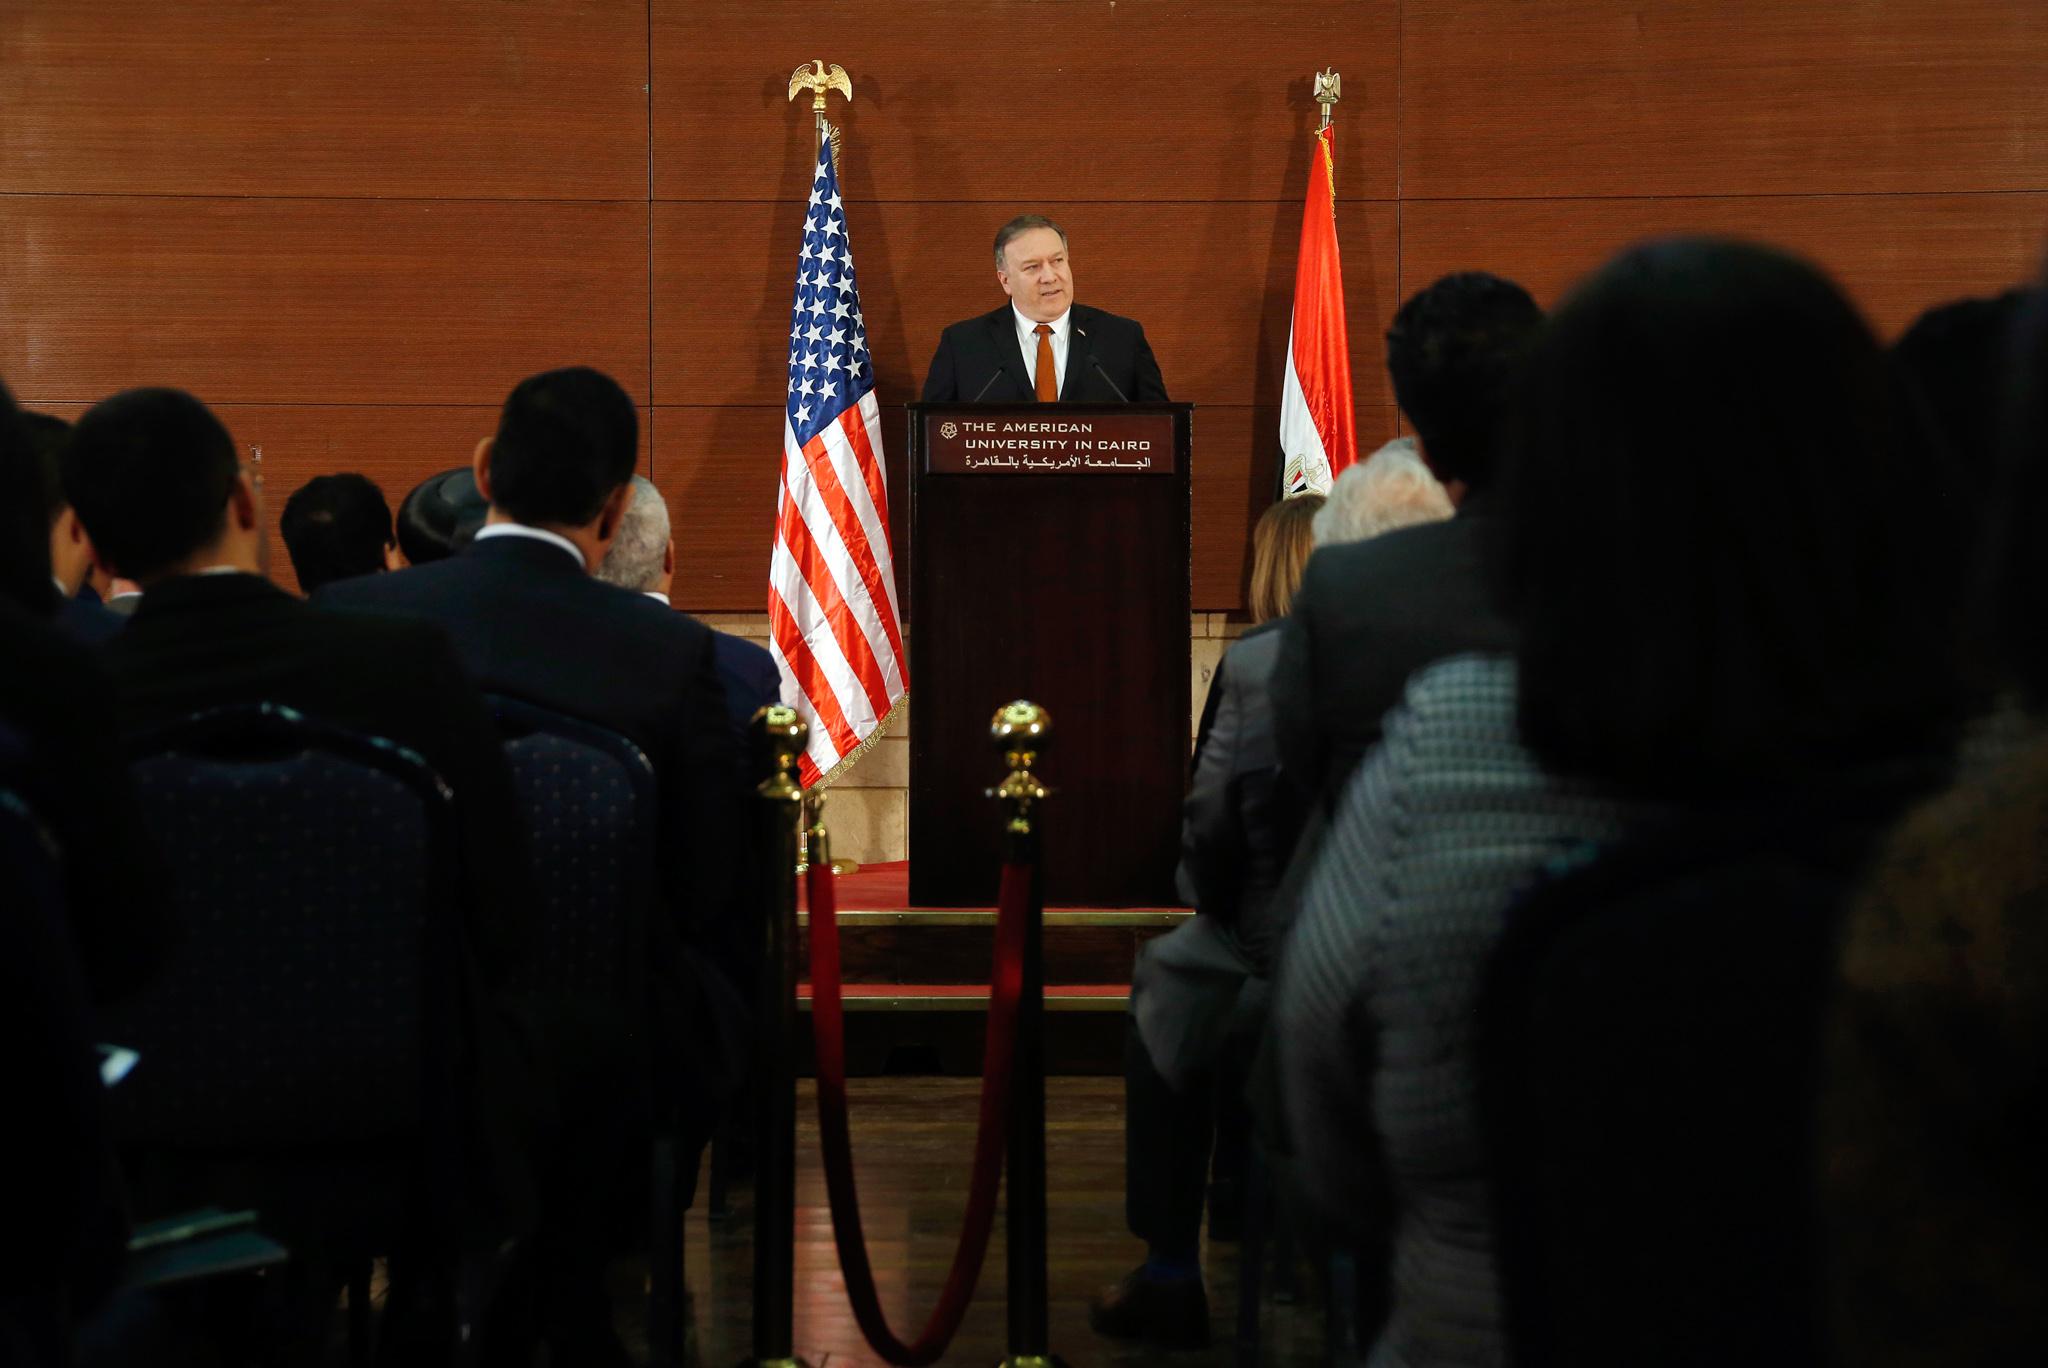 蓬佩奥国务卿发表讲话(© Amr Nabil/AP Images)